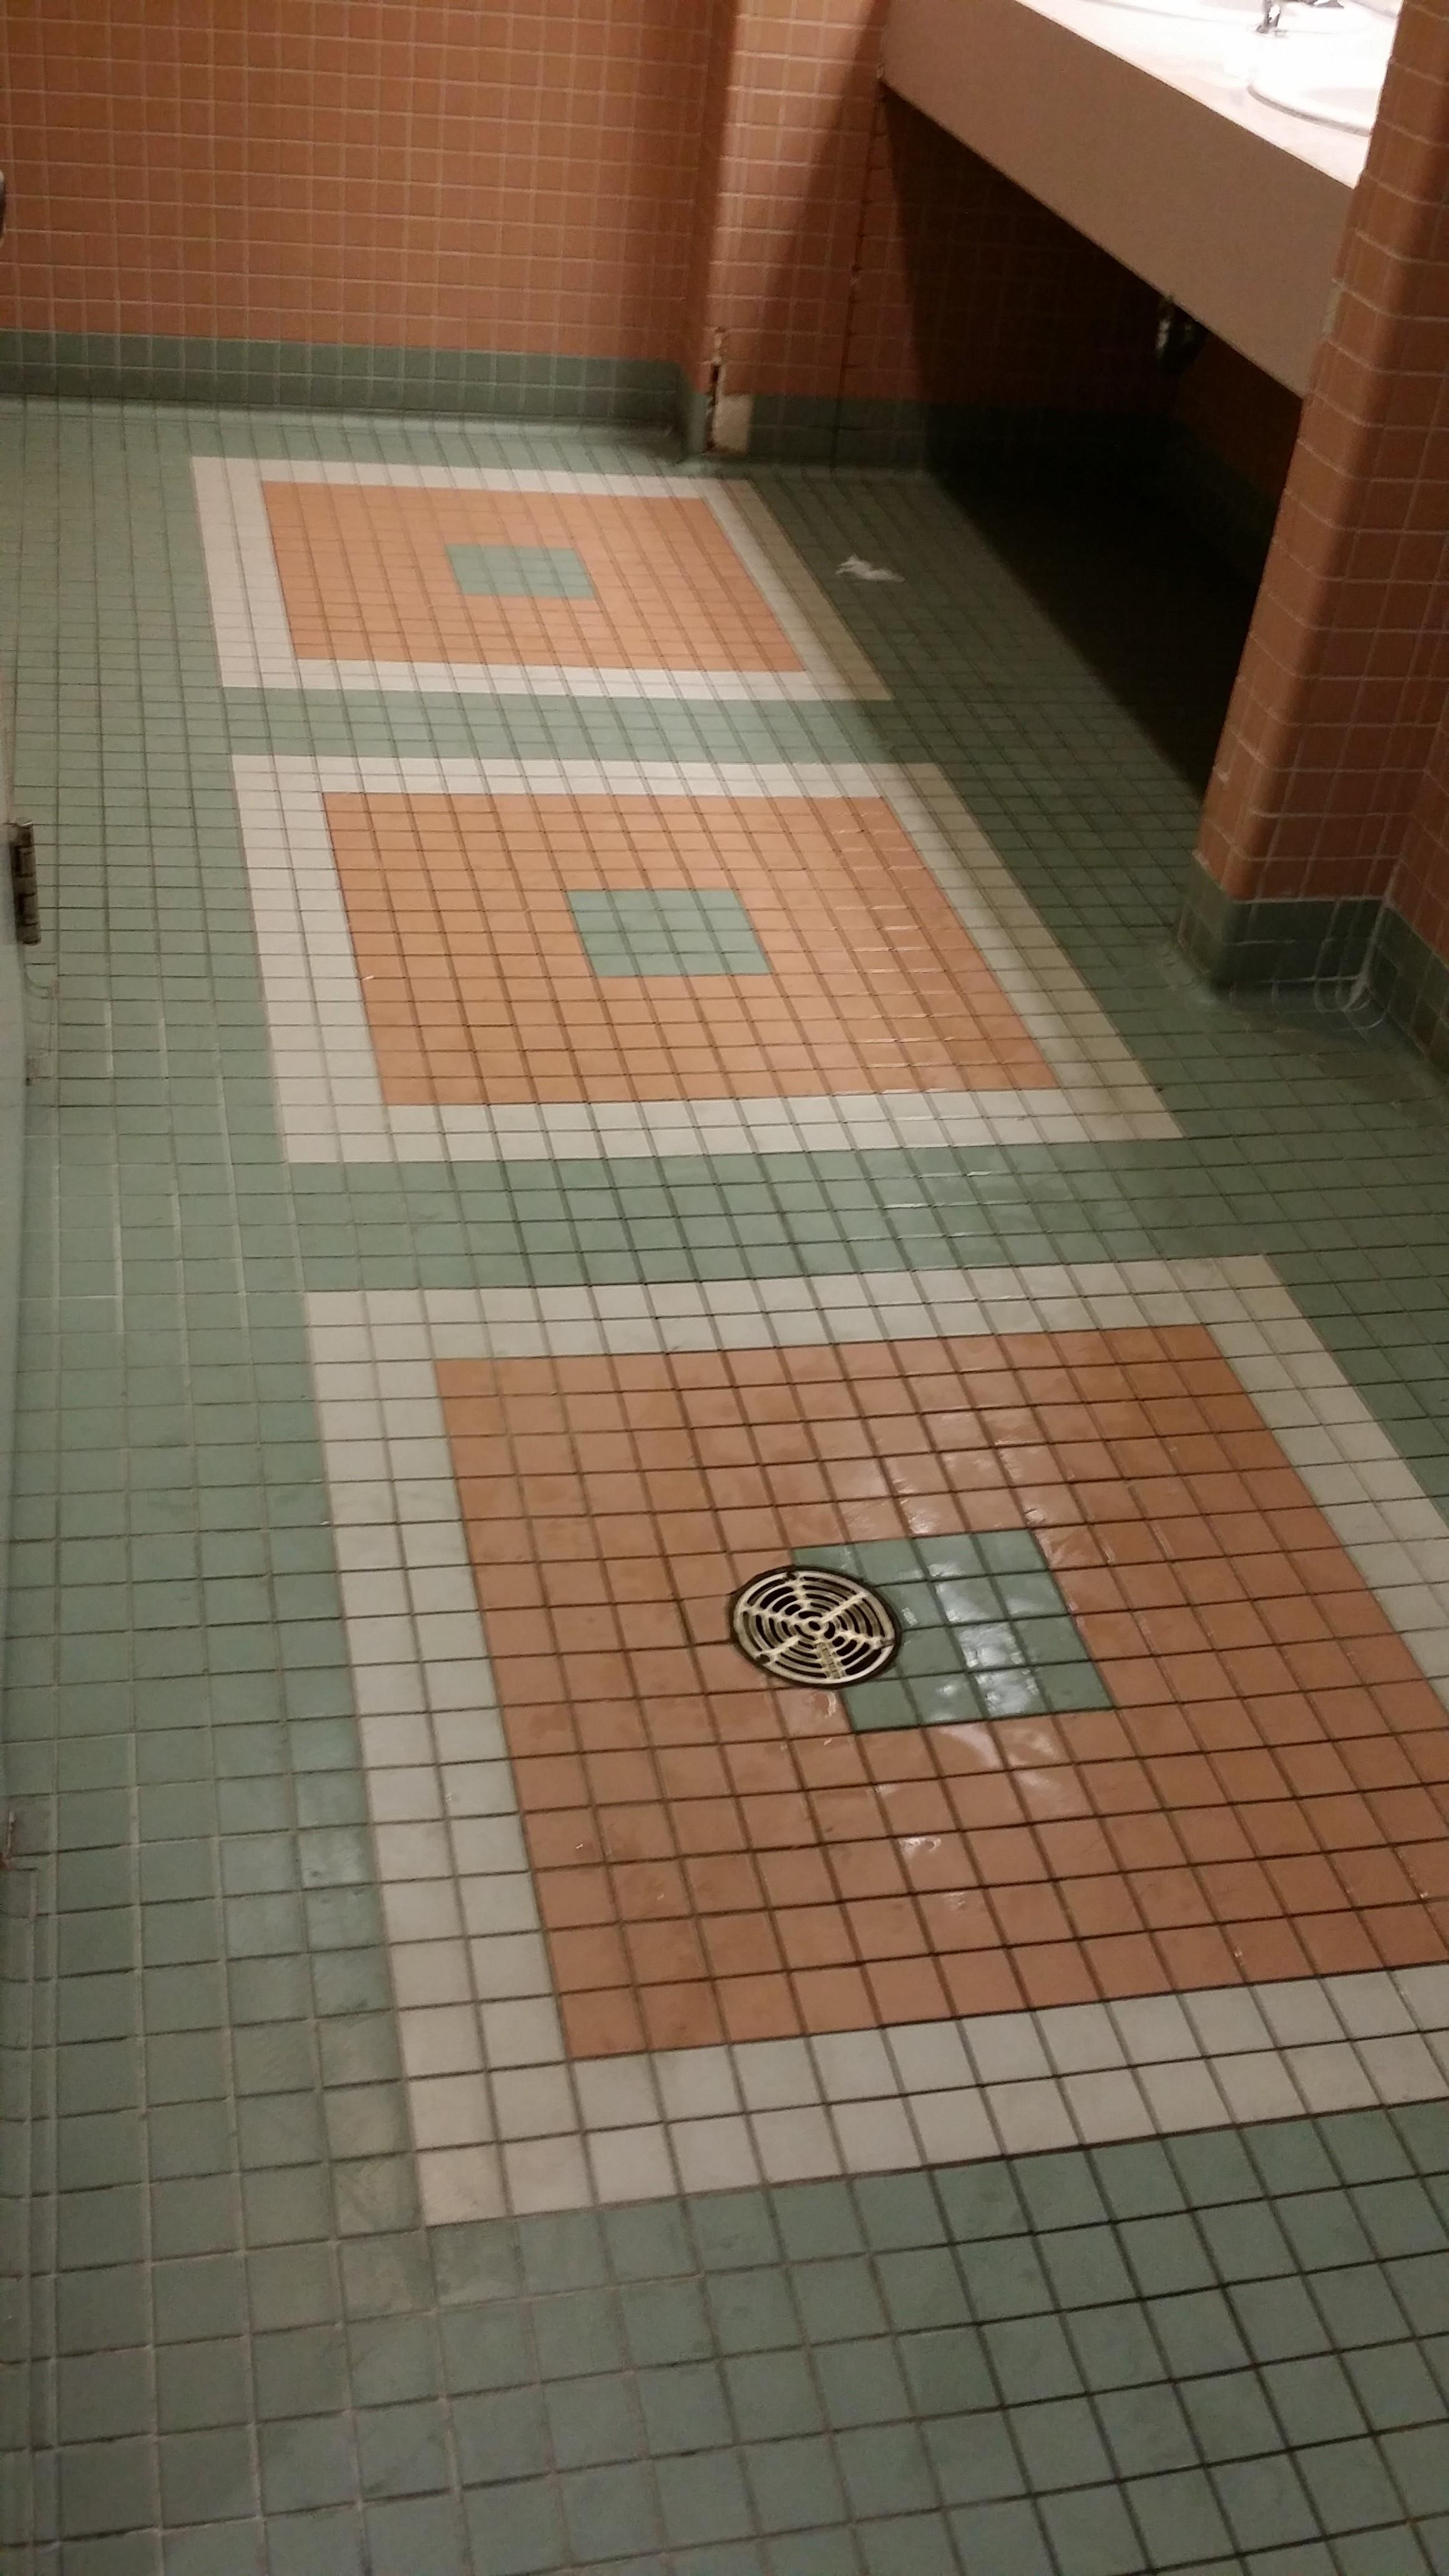 Existing Floor Tiles